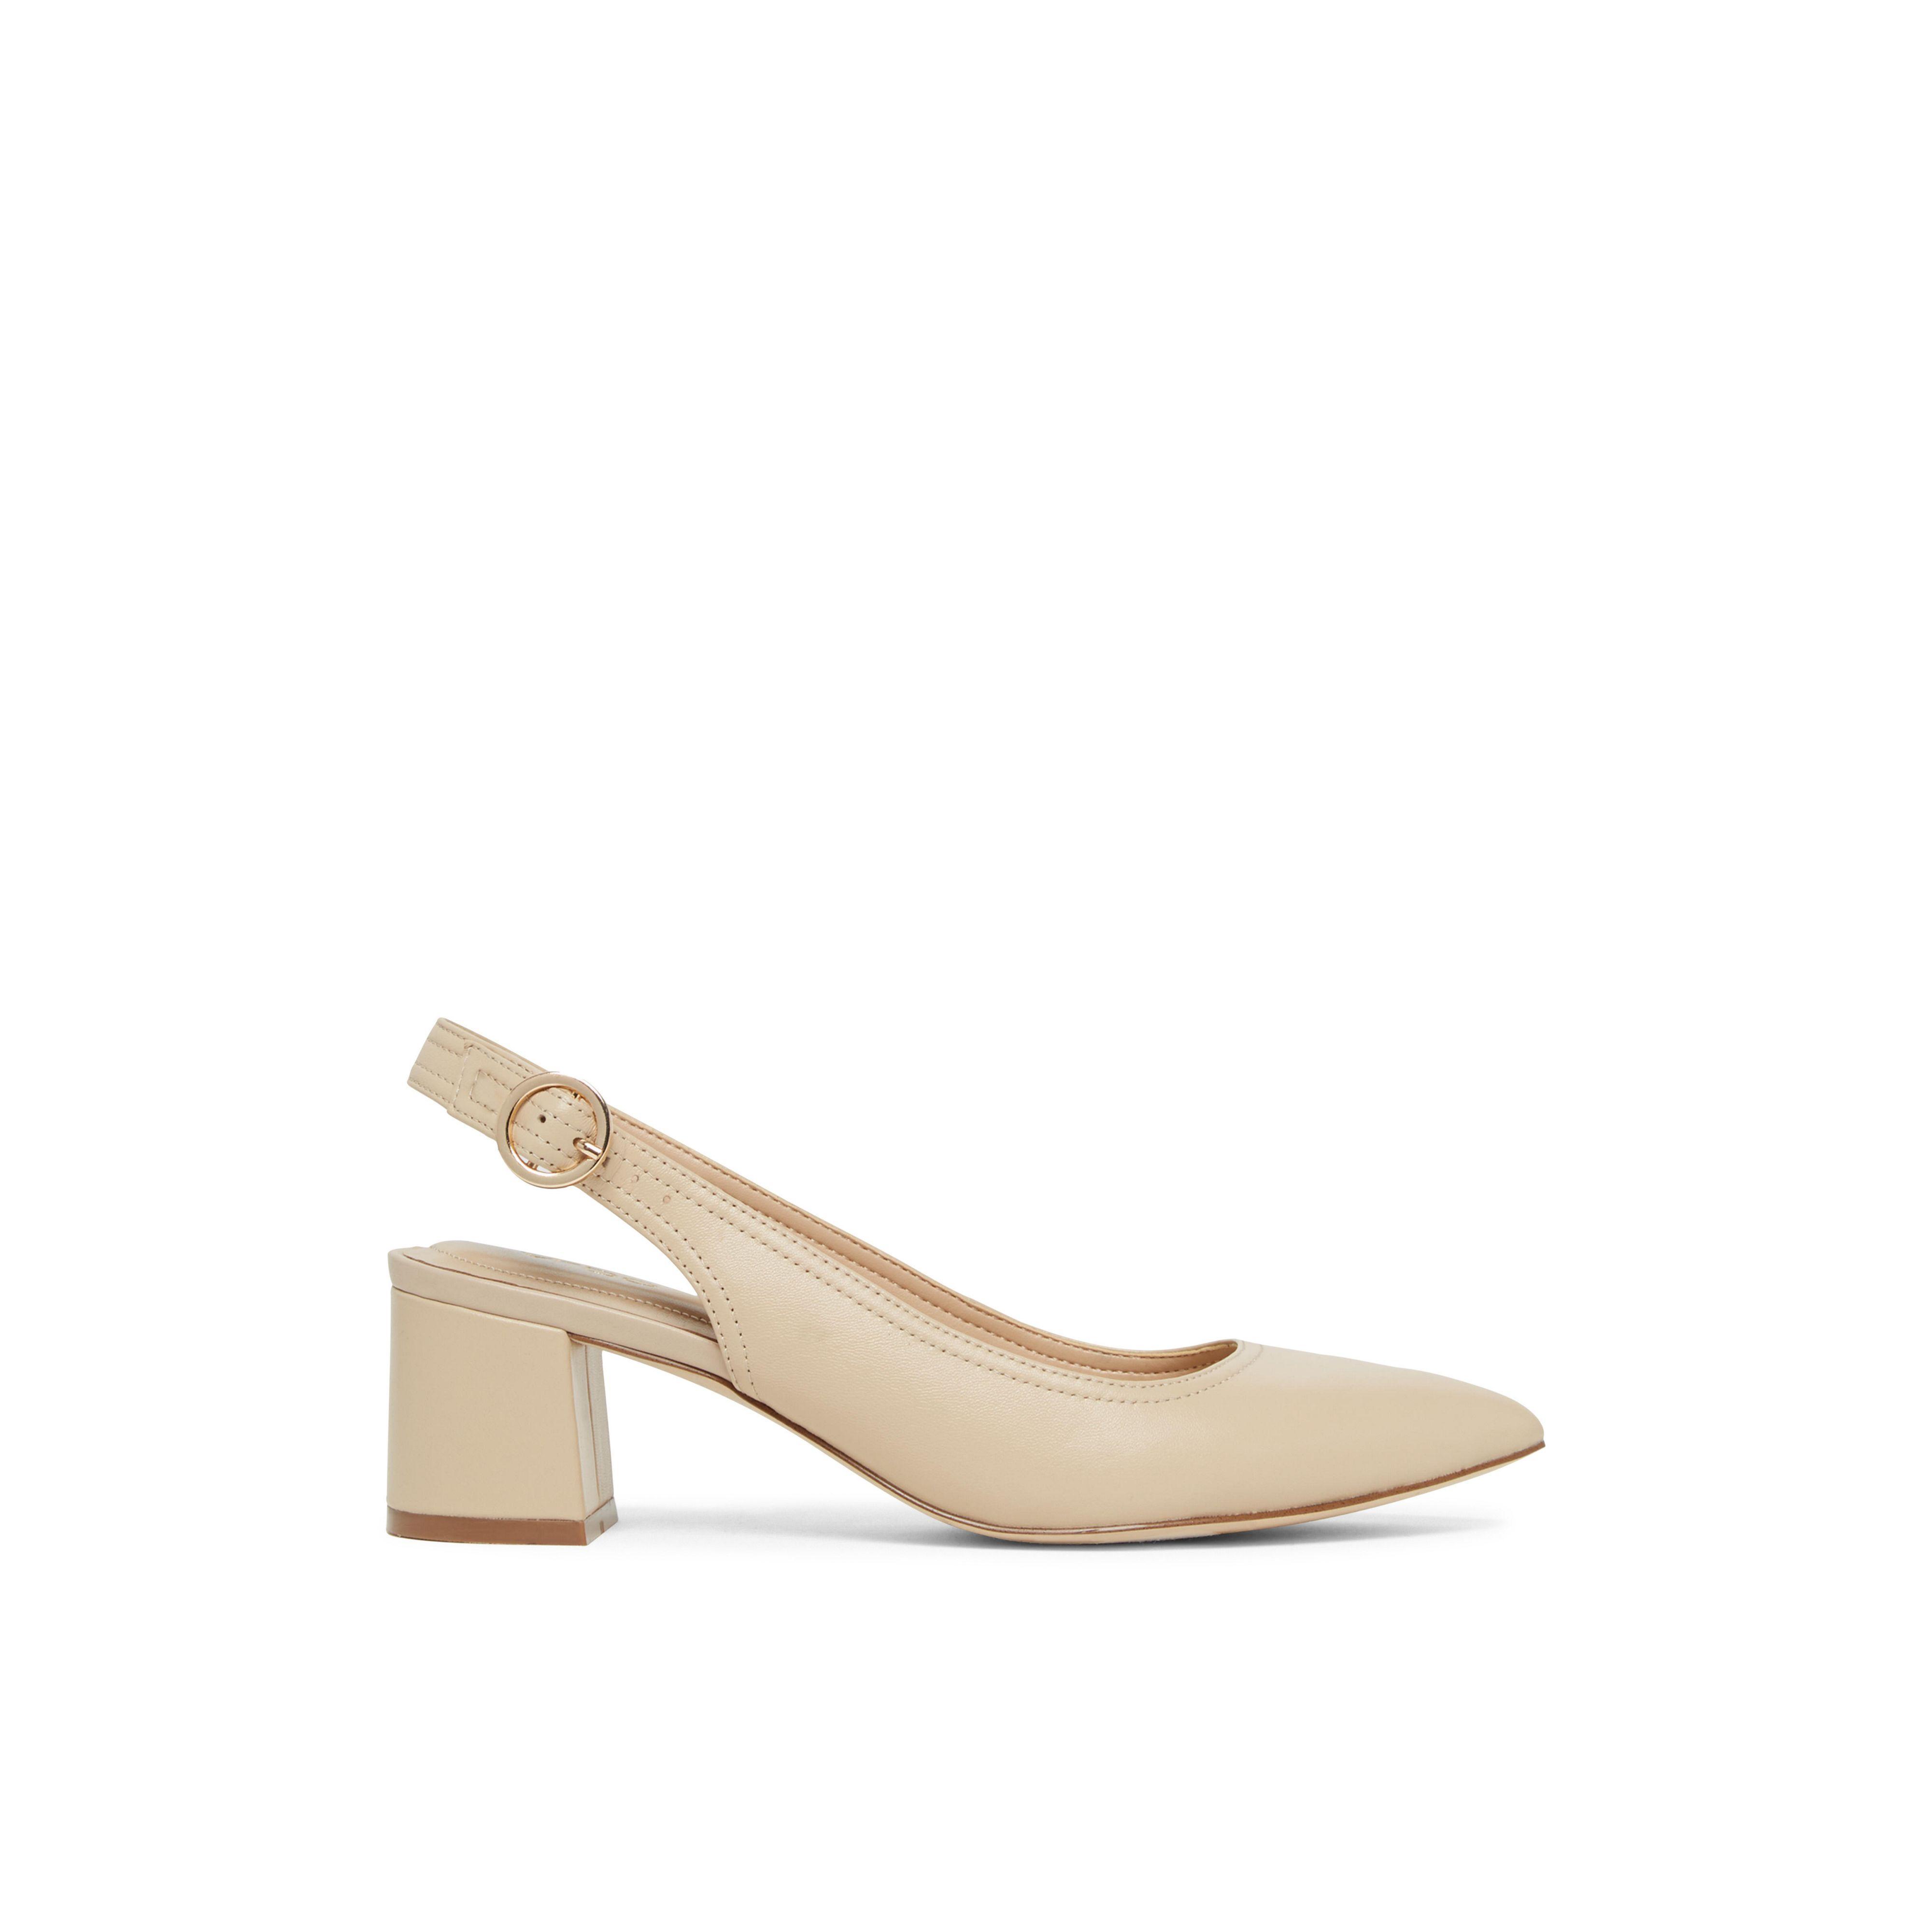 Aldo Leather Hayzel Slingback Low Block Heel Shoe In Beige